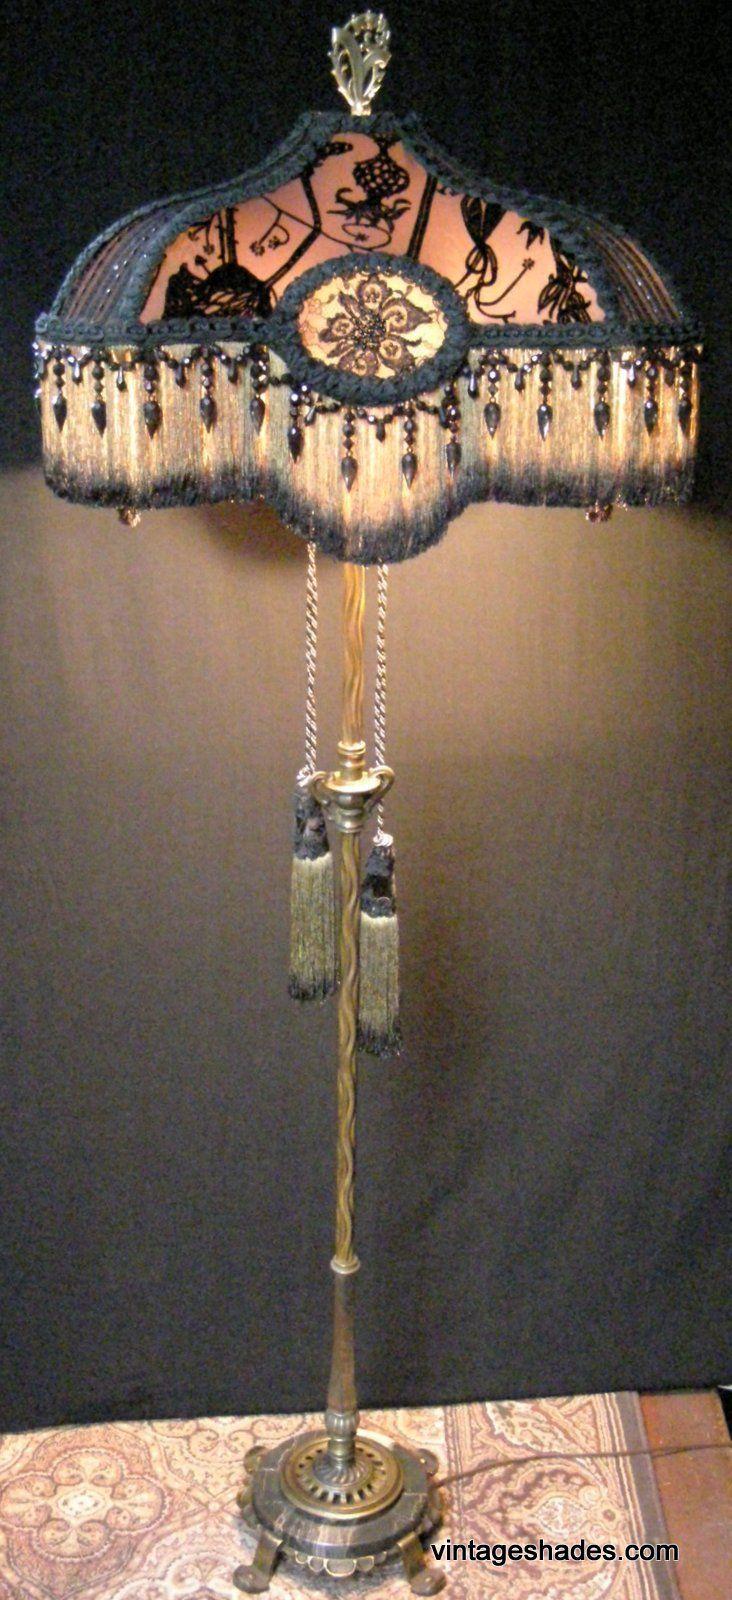 Antique Floor Lamp Signed Rembrandt Lamp Circa 1920s